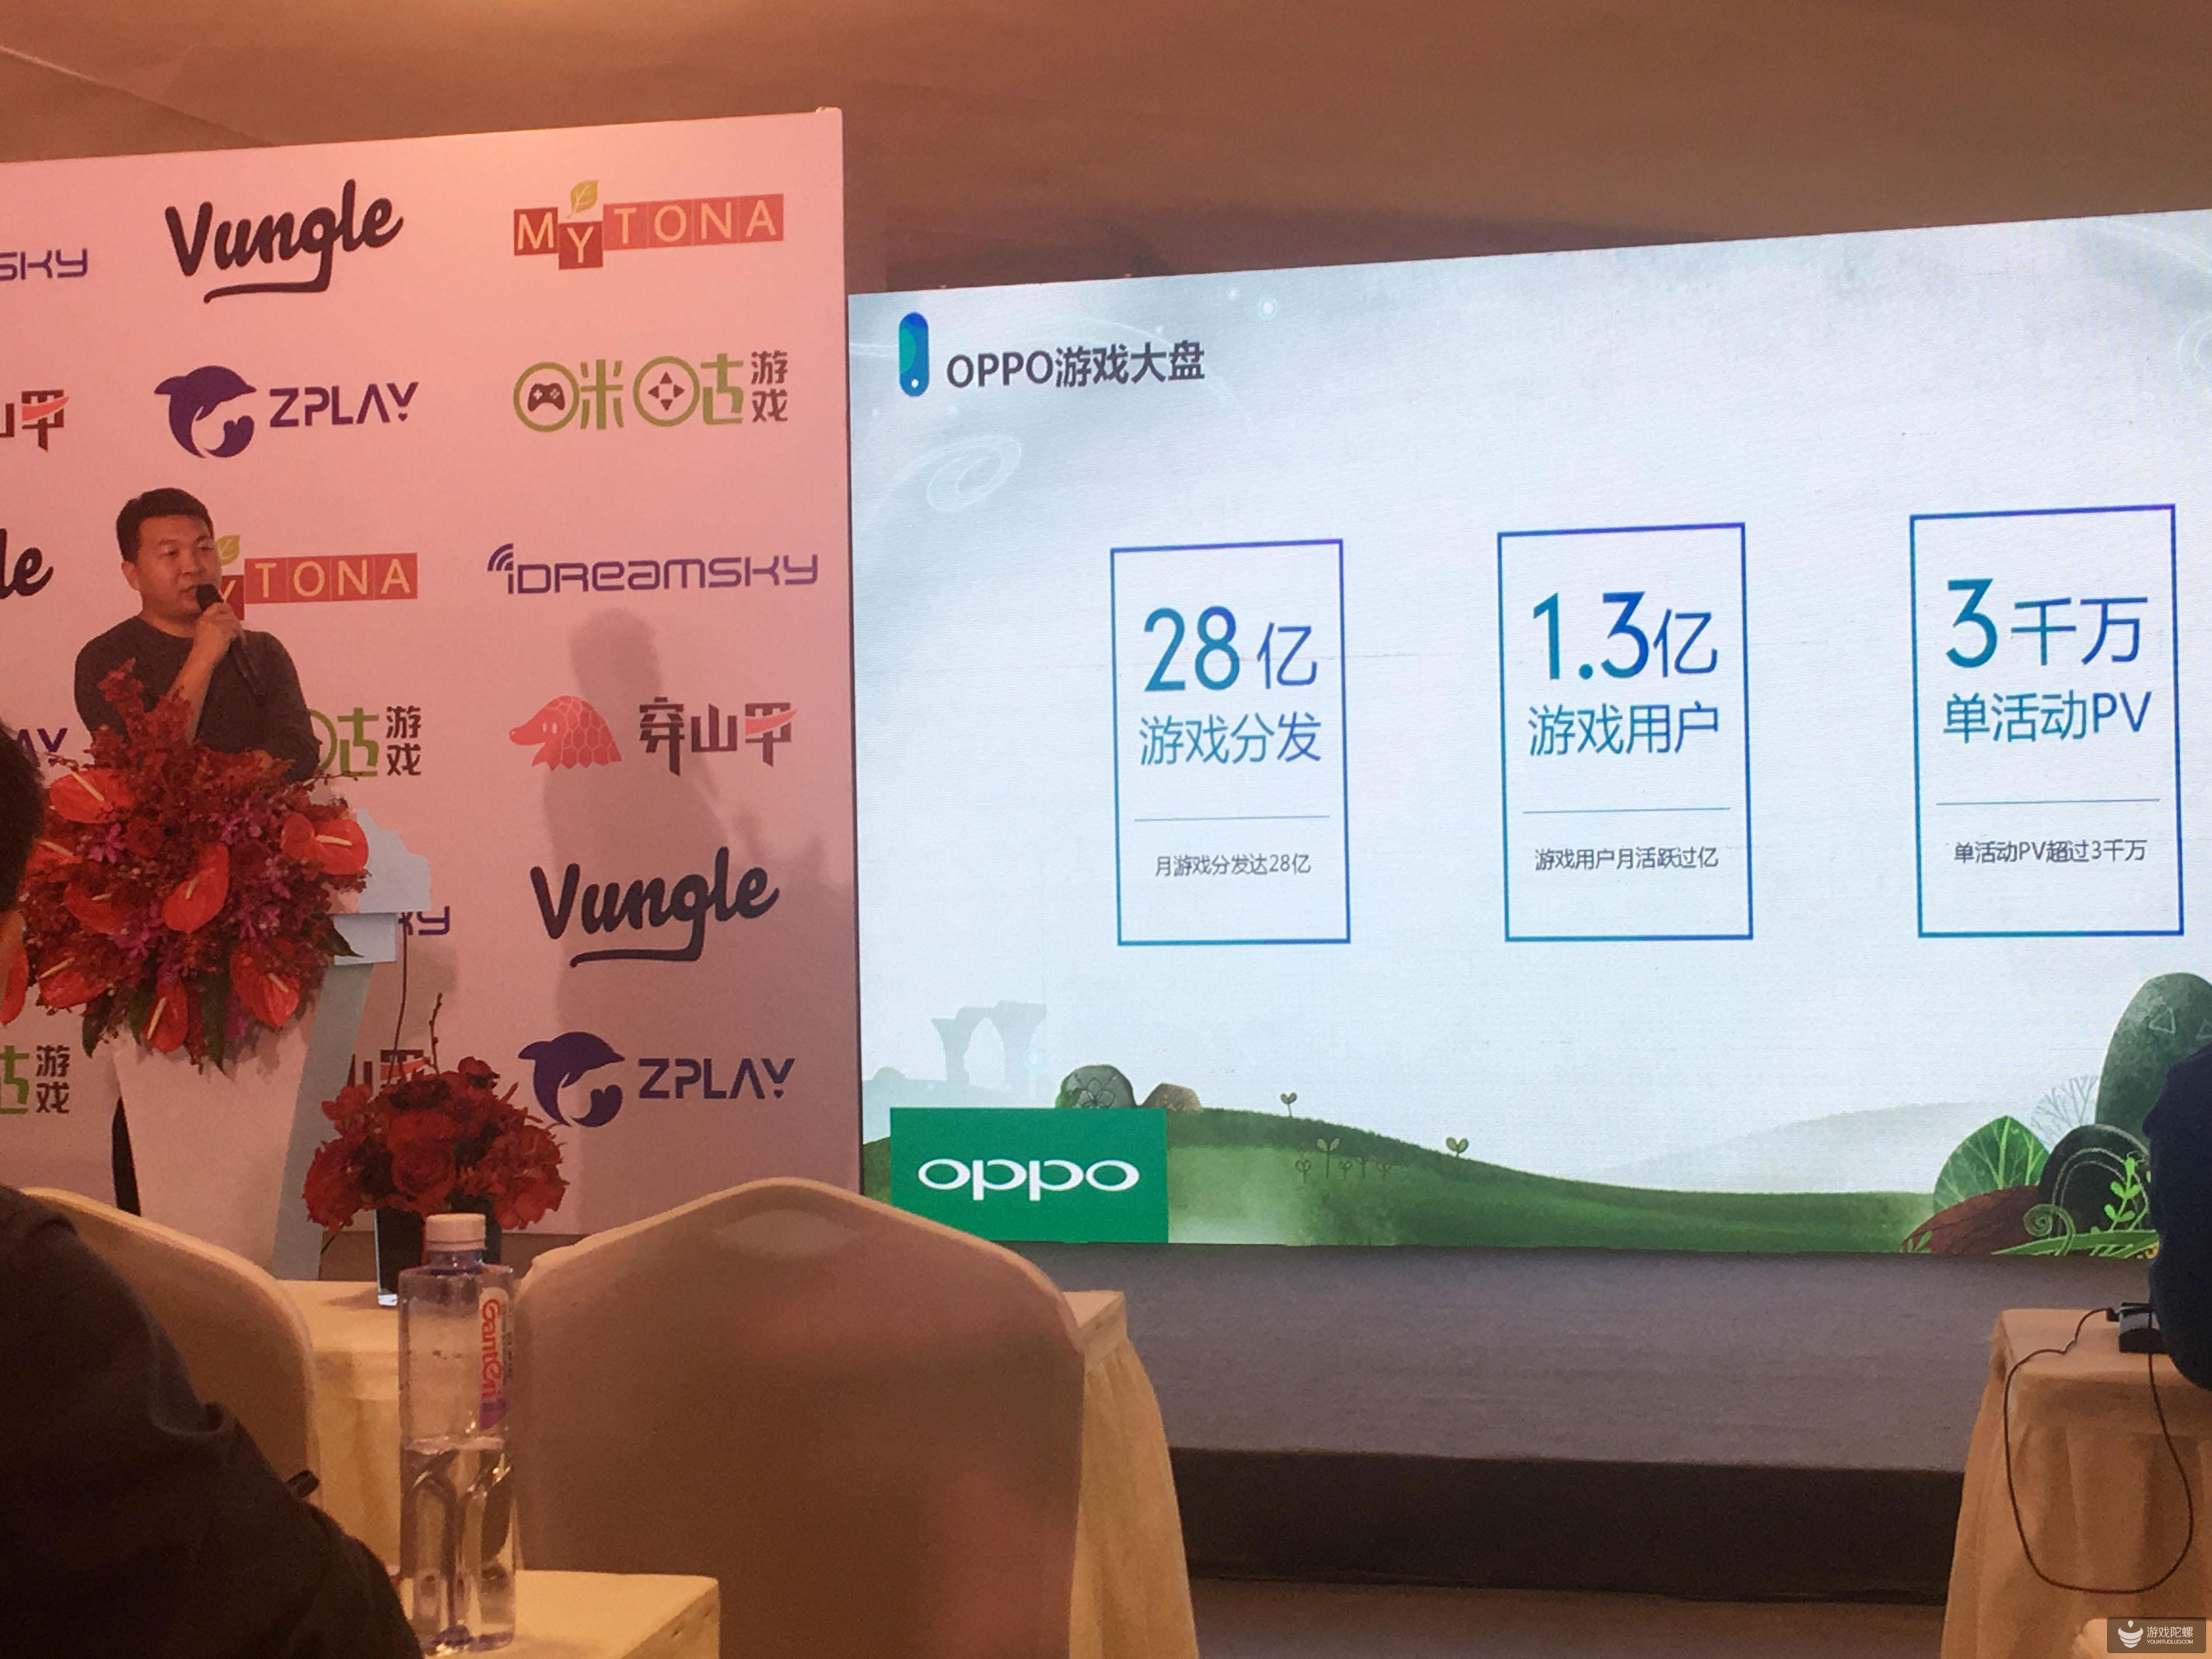 OPPO小游戏用户数量超2000万  19年进军东南亚市场